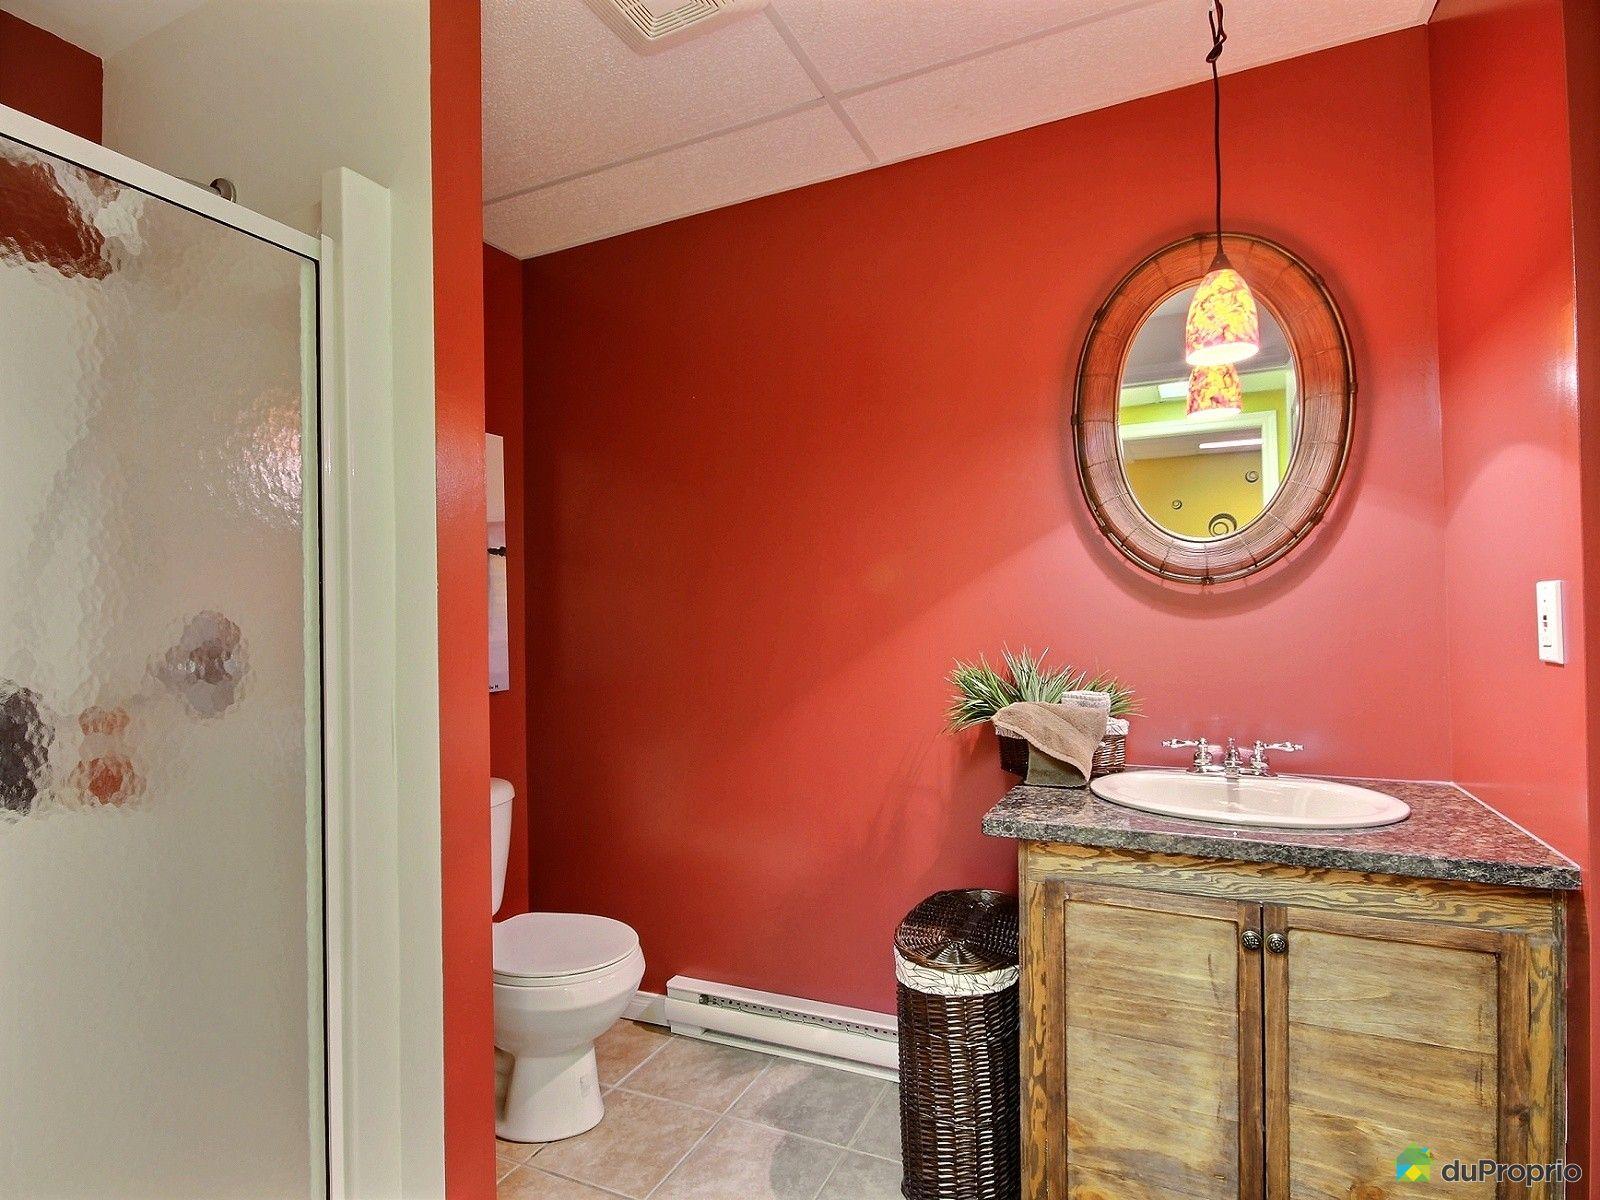 Maison vendre st charles de drummond 970 rue de l for Prix salle de bain sous sol